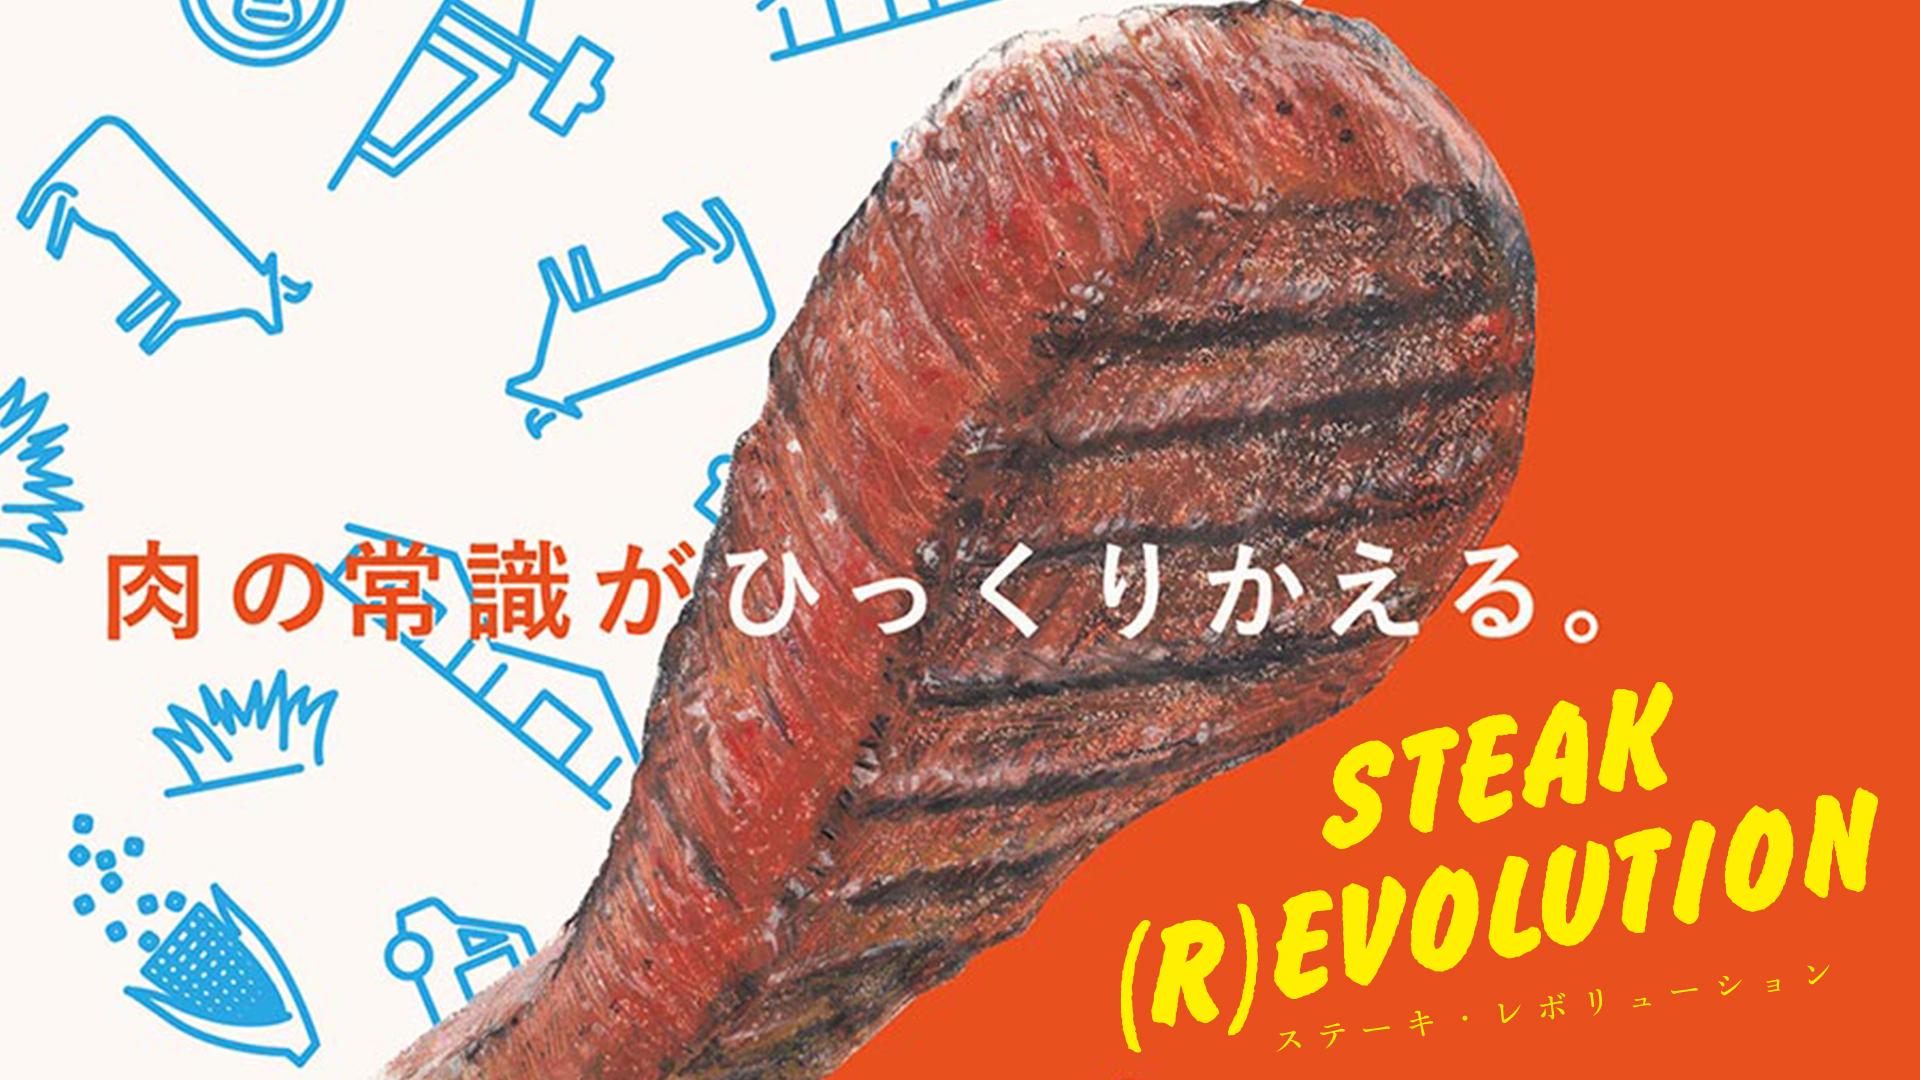 ステーキ・レボリューション